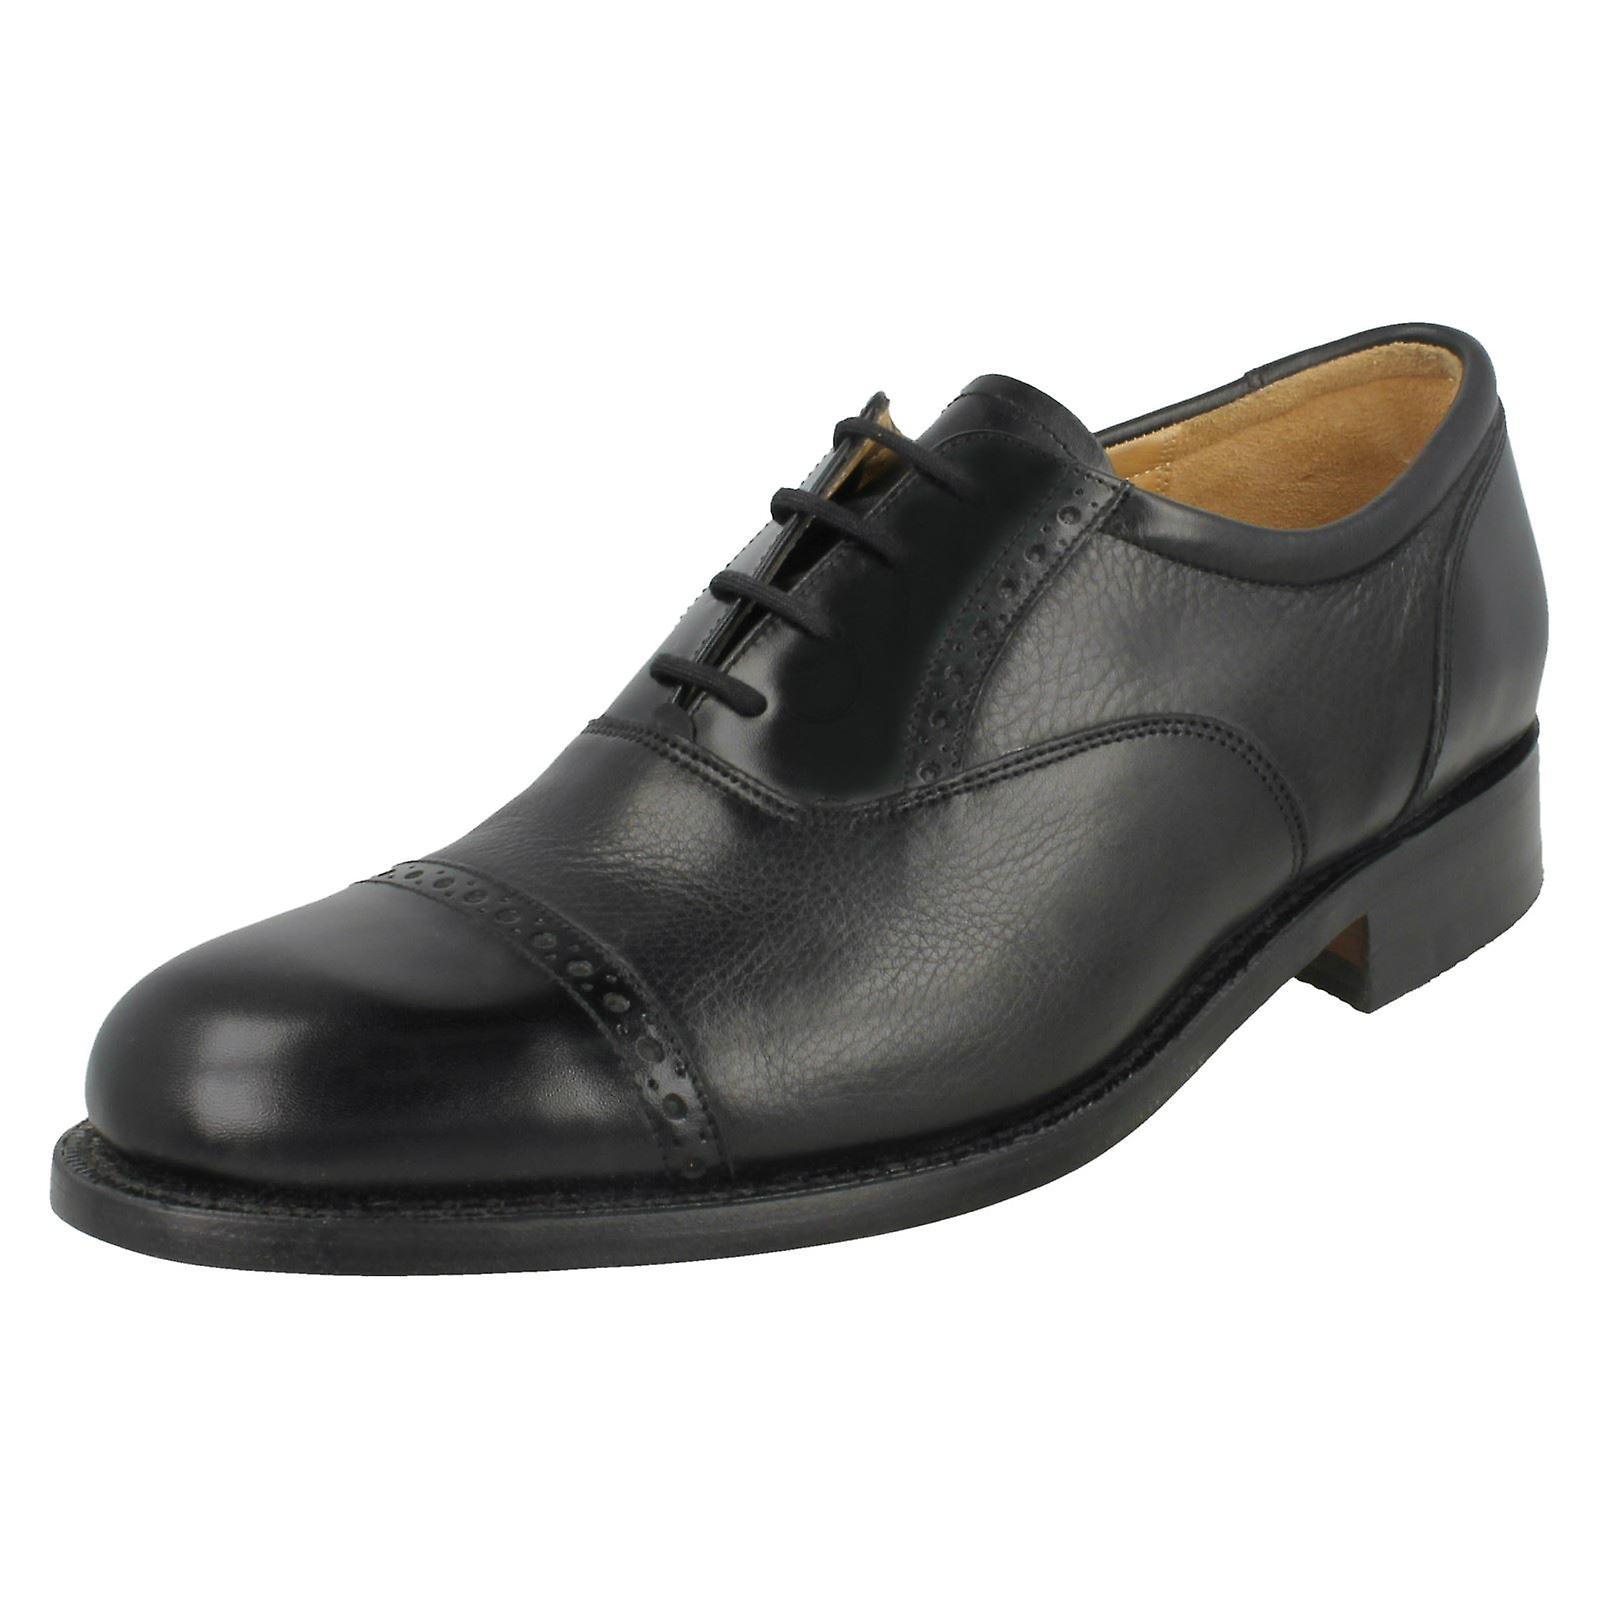 Mens Barker formale Schuhe Shoreham